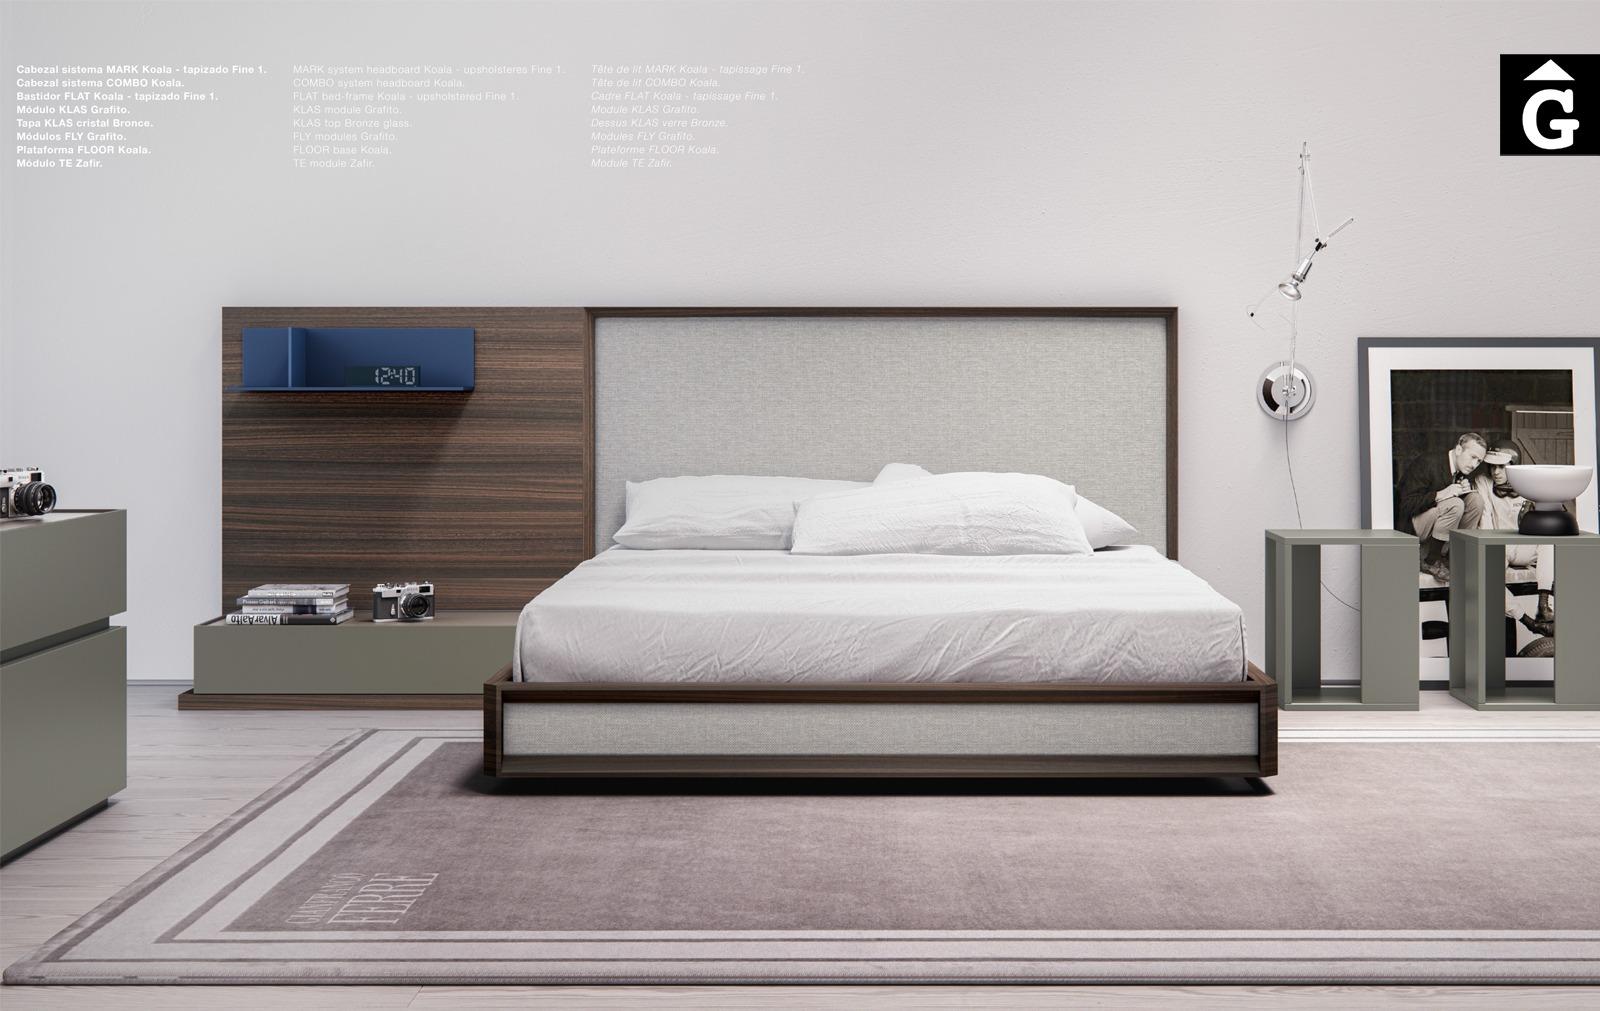 Habitacions-bedrooms-emede-md-by-mobles-gifreu-llits-grans-matrimoni-singel-disseny-actual-qualitat-premium